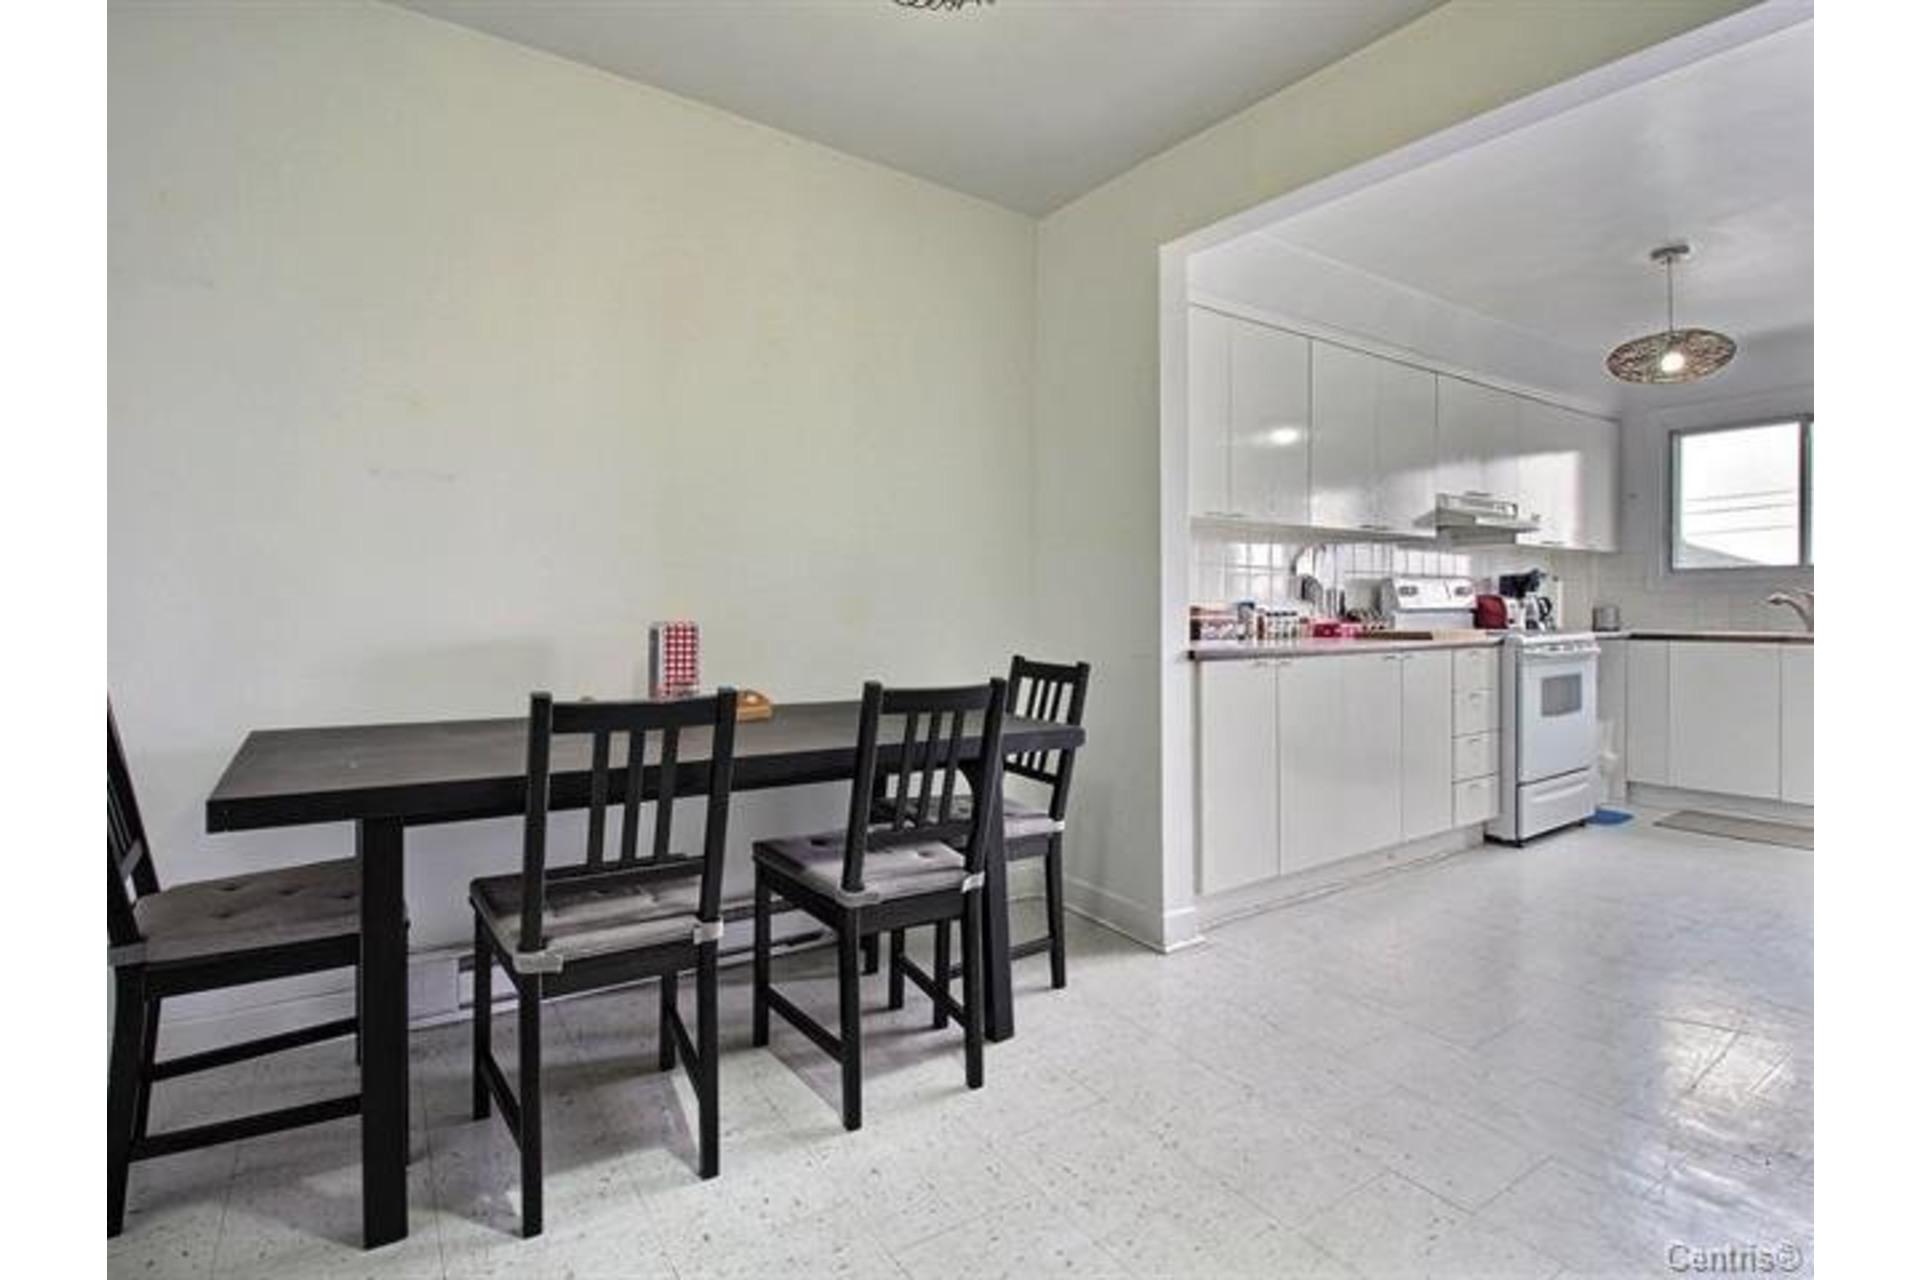 image 5 - Apartment For rent Montréal Mercier/Hochelaga-Maisonneuve  - 7 rooms